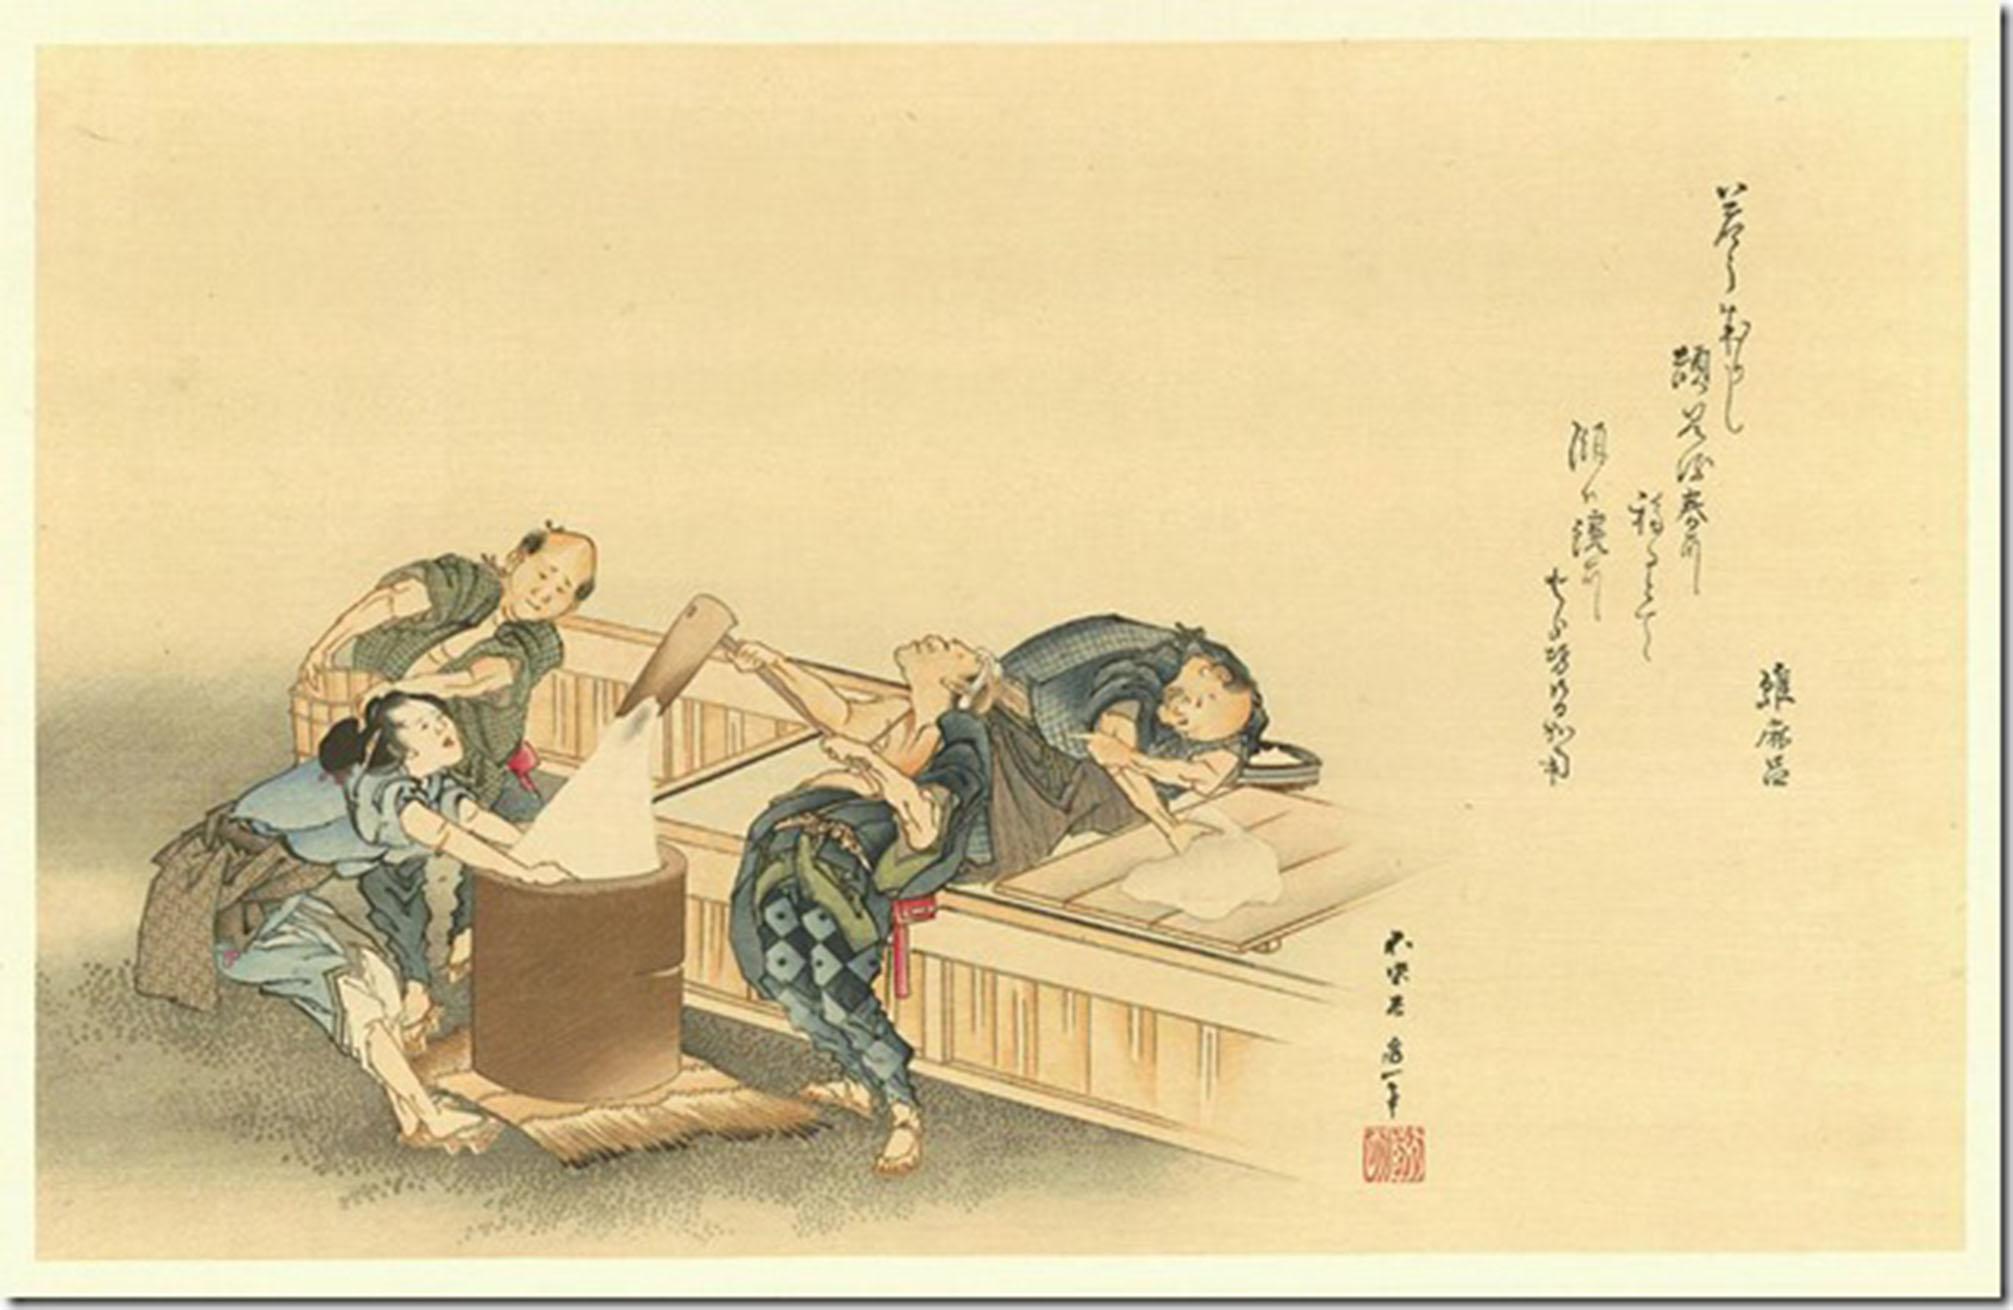 hokusai mochitsuki